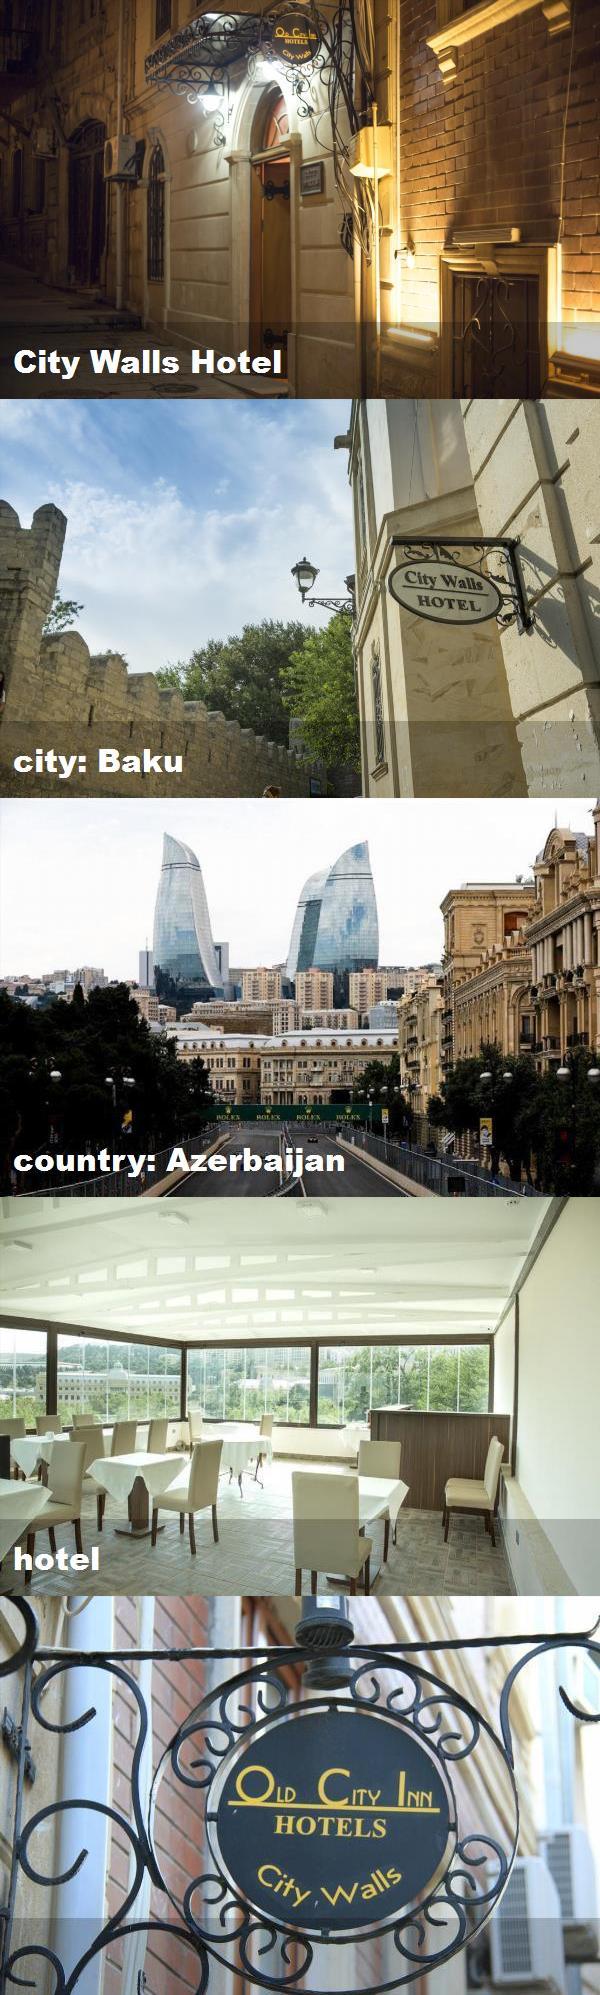 City Walls Hotel City Baku Country Azerbaijan Hotel Hotel City Small Hotel